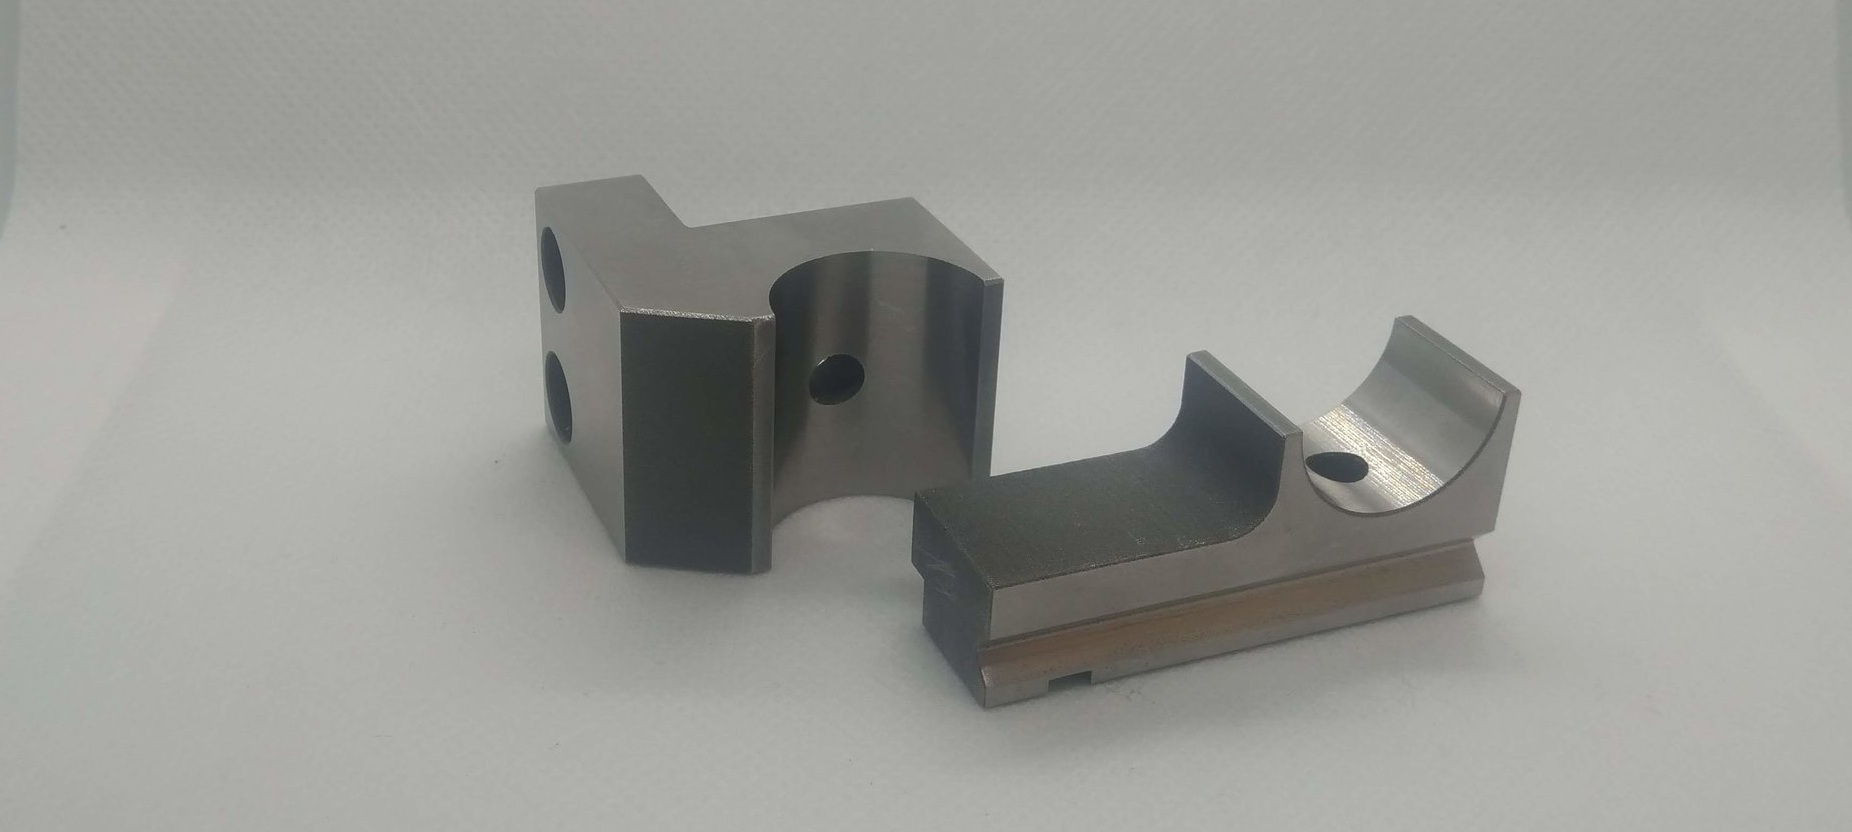 3D печатът в метал съкращава времето за престой на производственото оборудване - Гъвкавостта на адитивното производство, позволява бърза доставка на критична спомагателна екипировка за високотехнологично оборудване